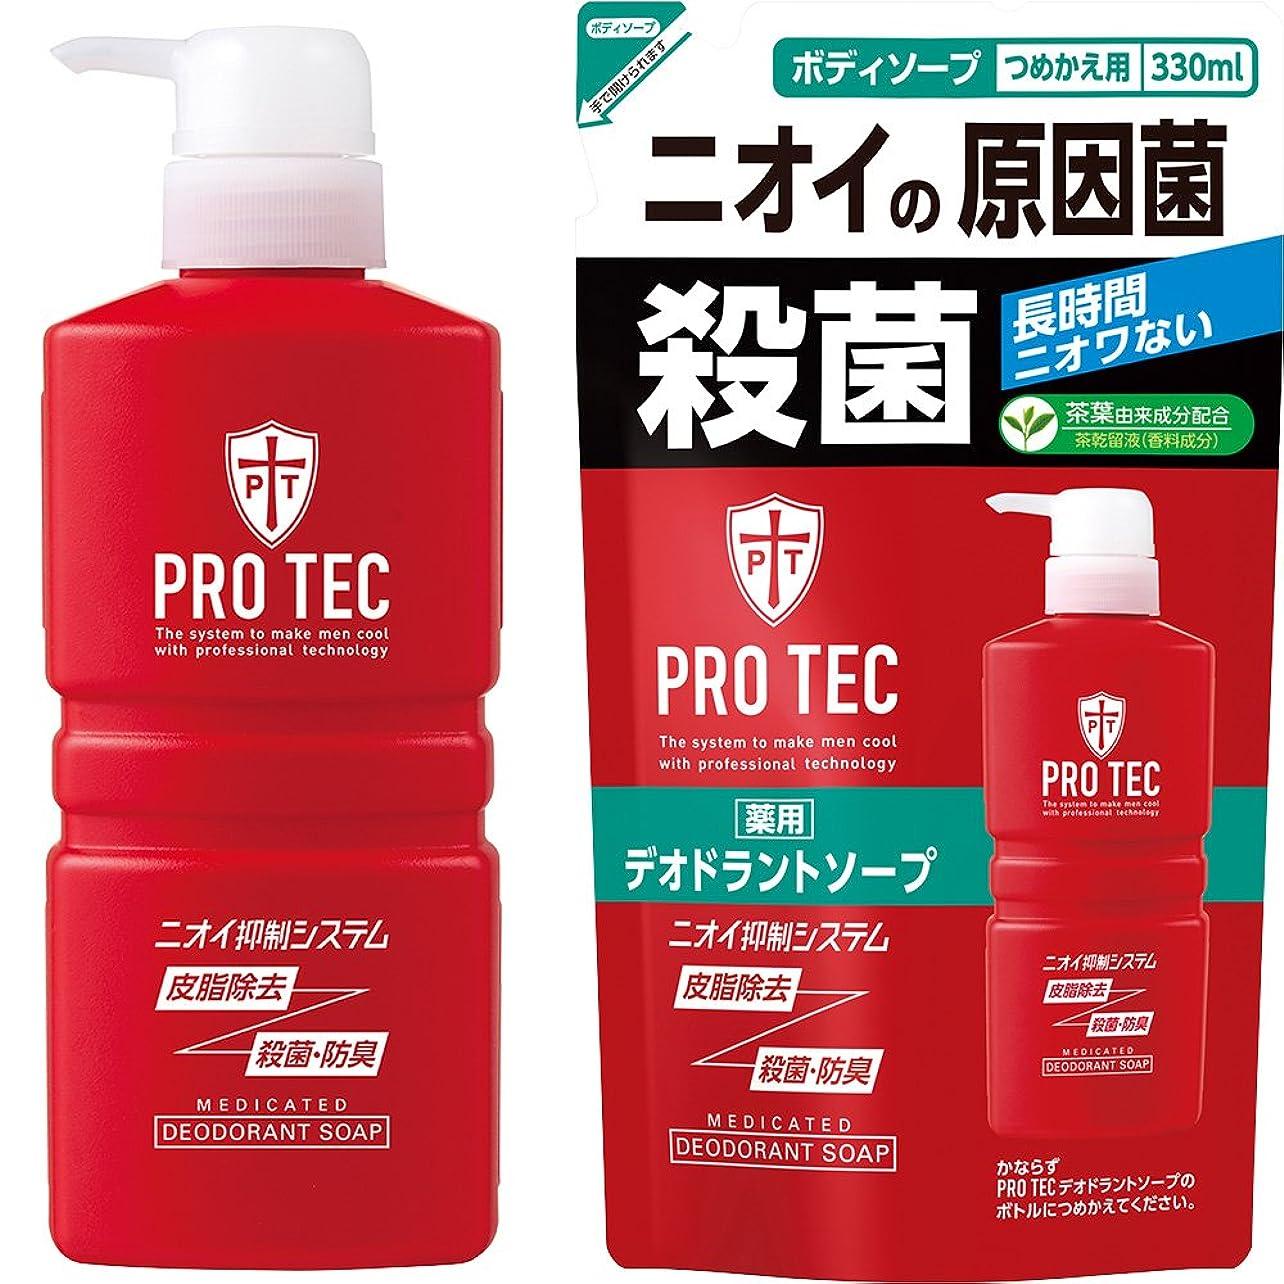 きつくコンサート吸い込む(医薬部外品)PRO TEC(プロテク) デオドラントソープ ポンプ420ml+詰め替え330ml